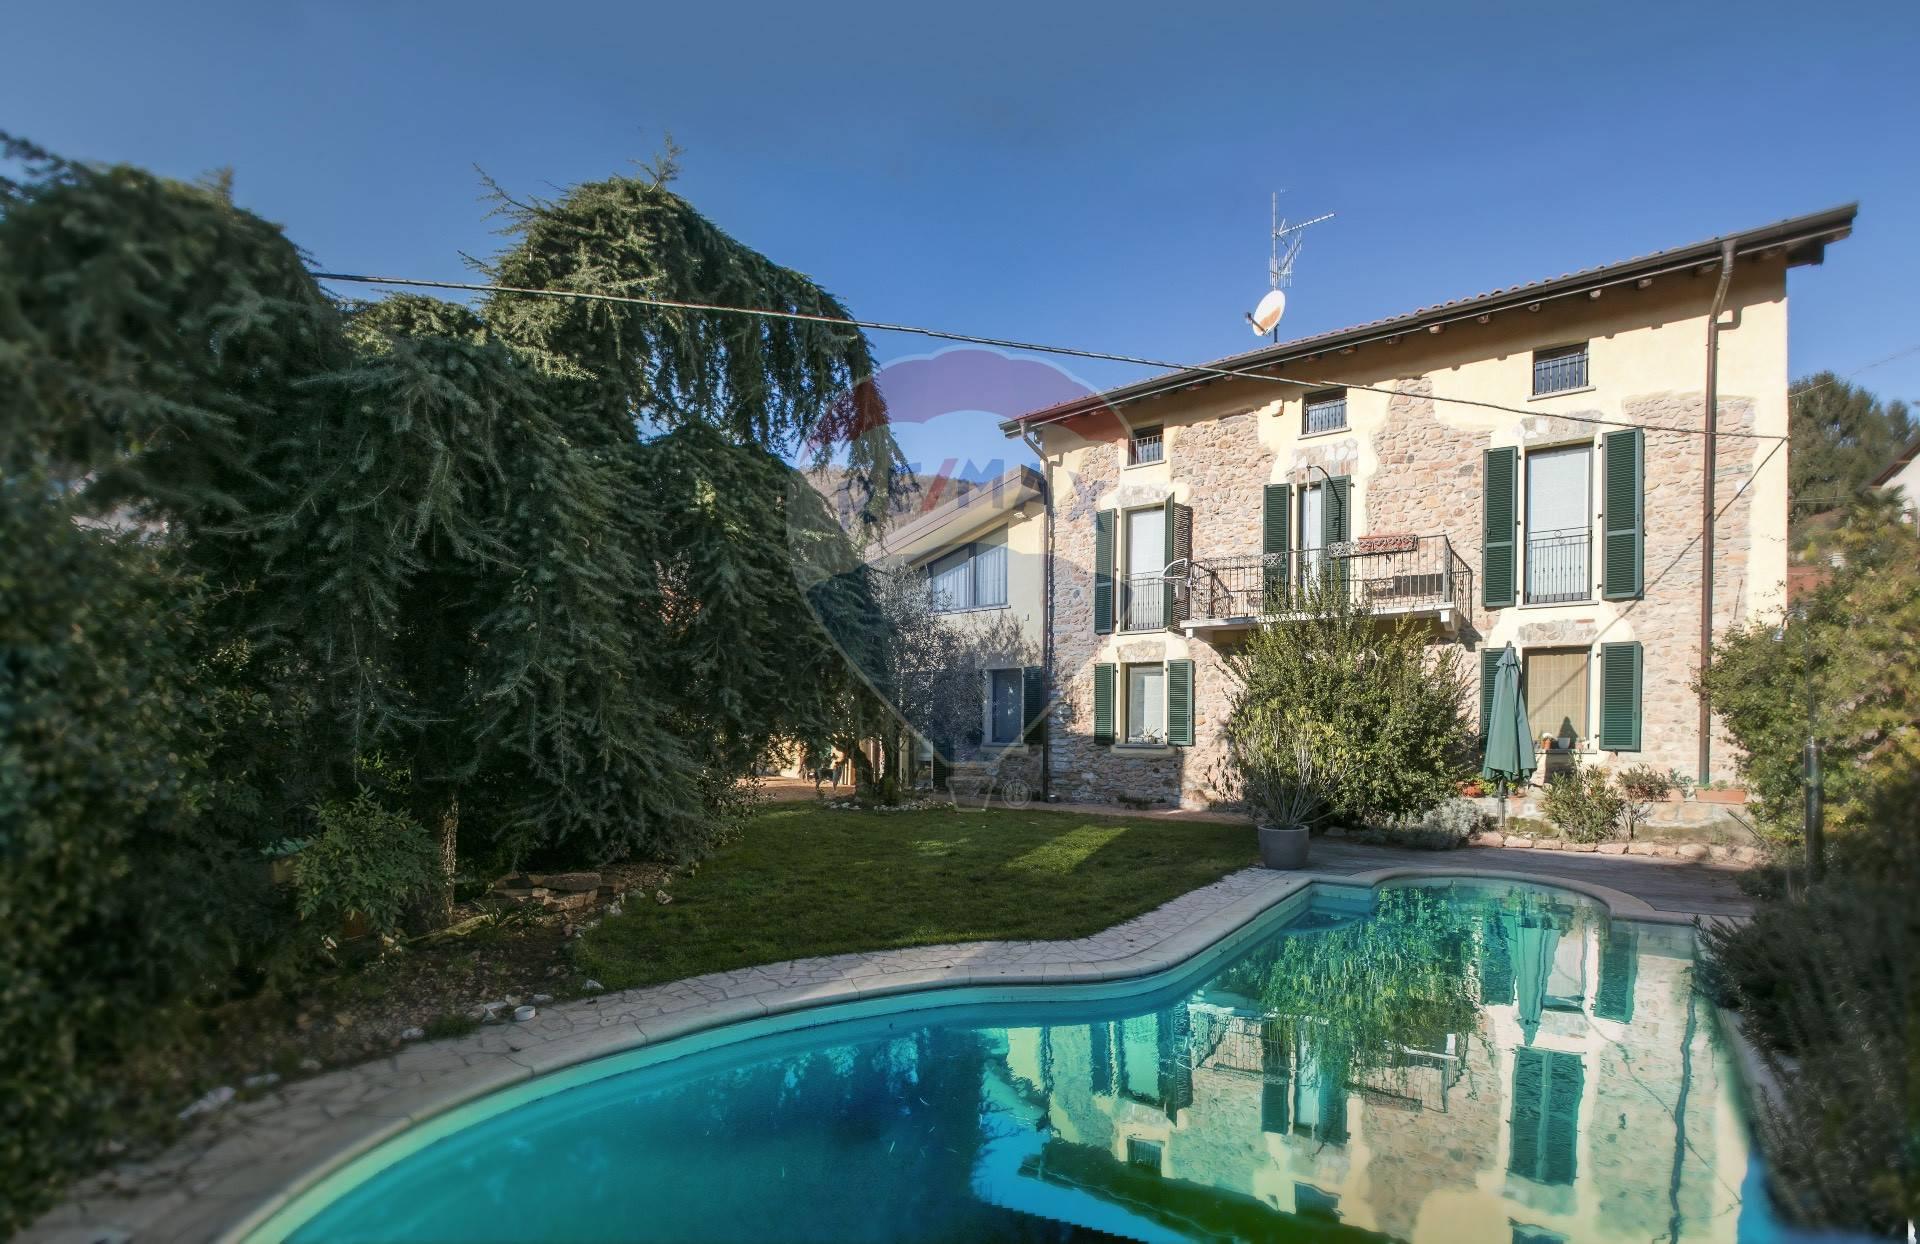 Villa in vendita a Cuasso al Monte, 7 locali, prezzo € 350.000 | CambioCasa.it